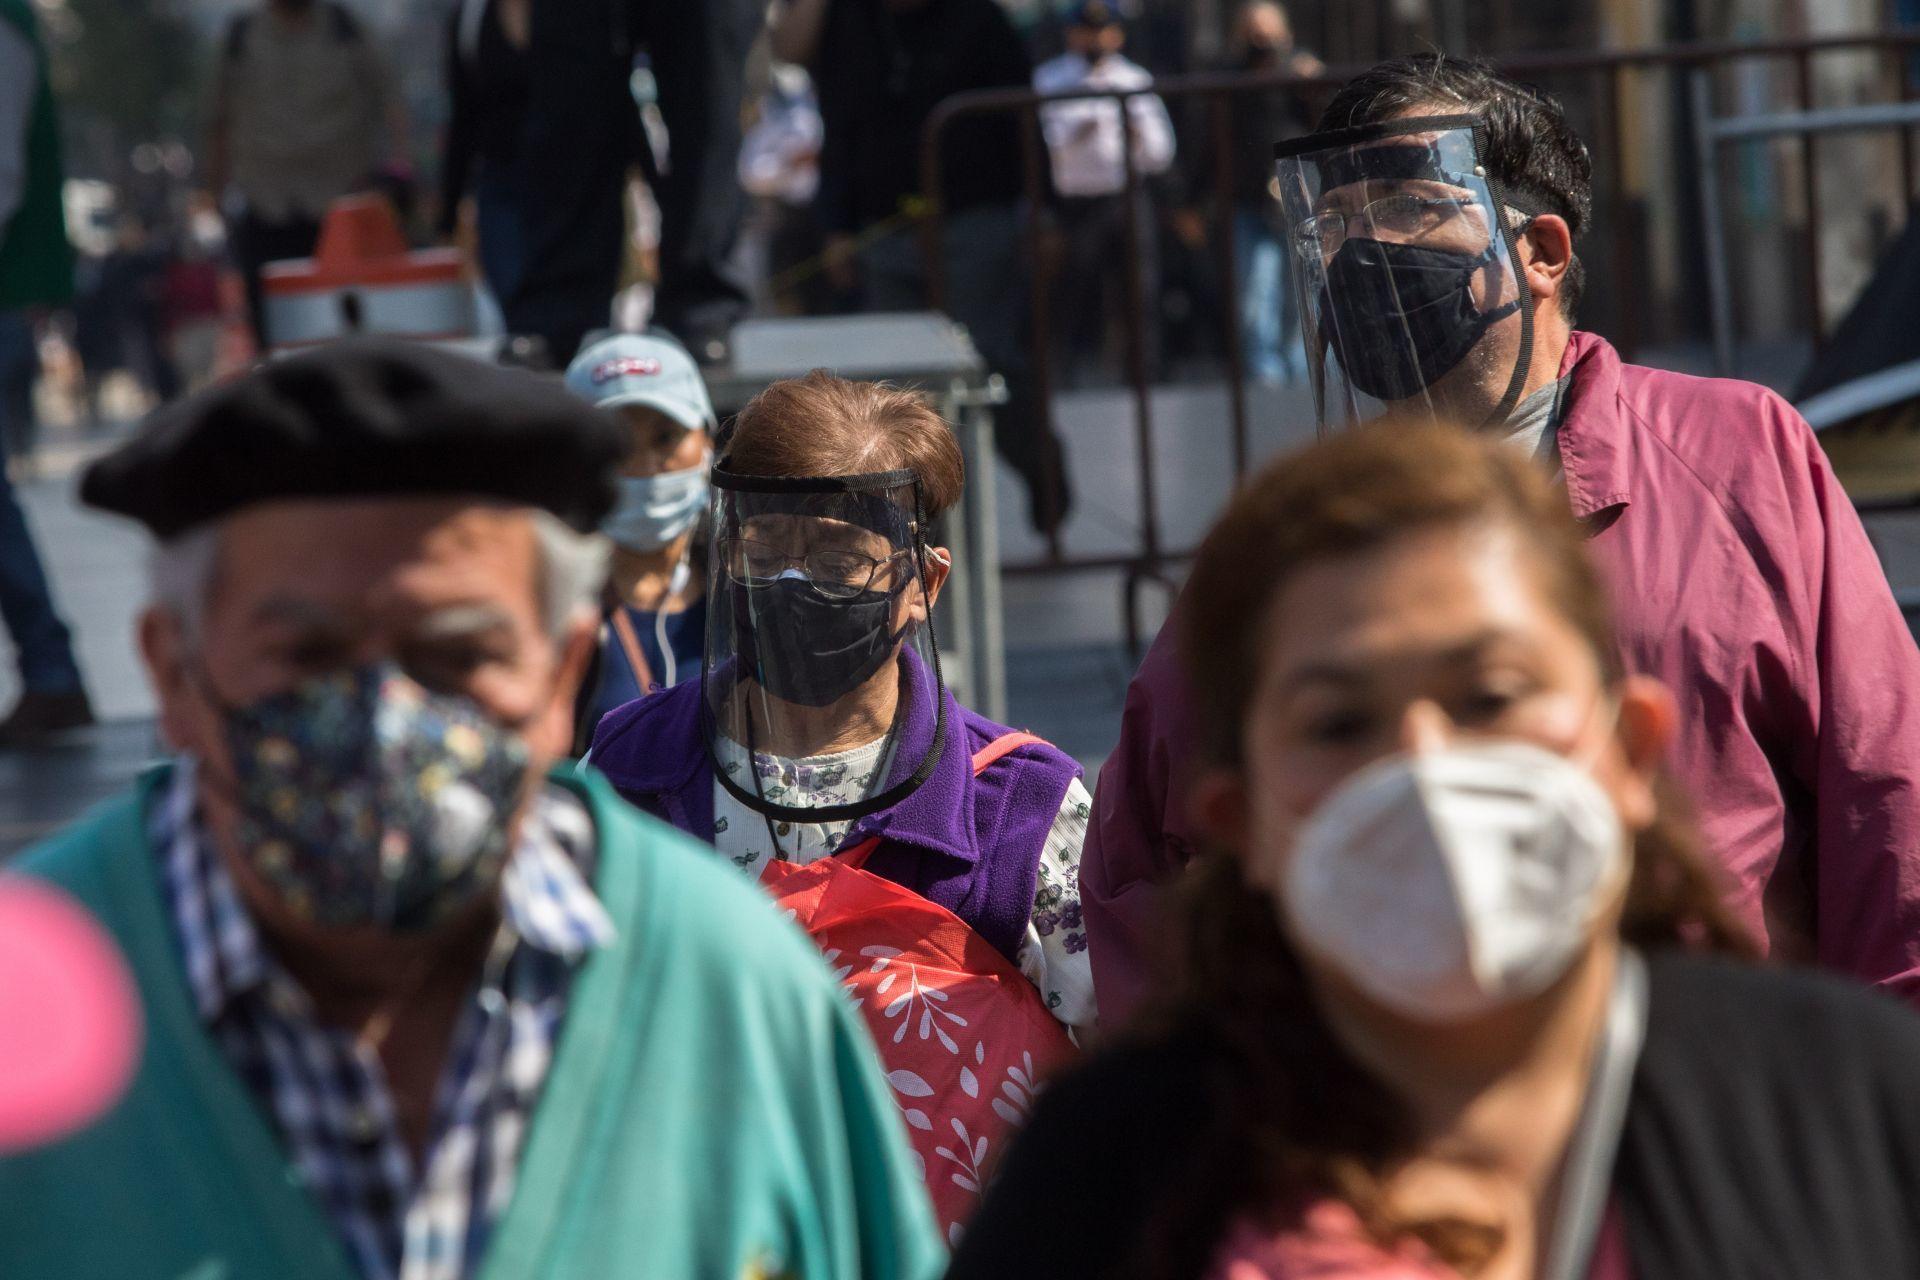 Censo de Población 2020 del Inegi revela que México suma 126 millones de habitantes